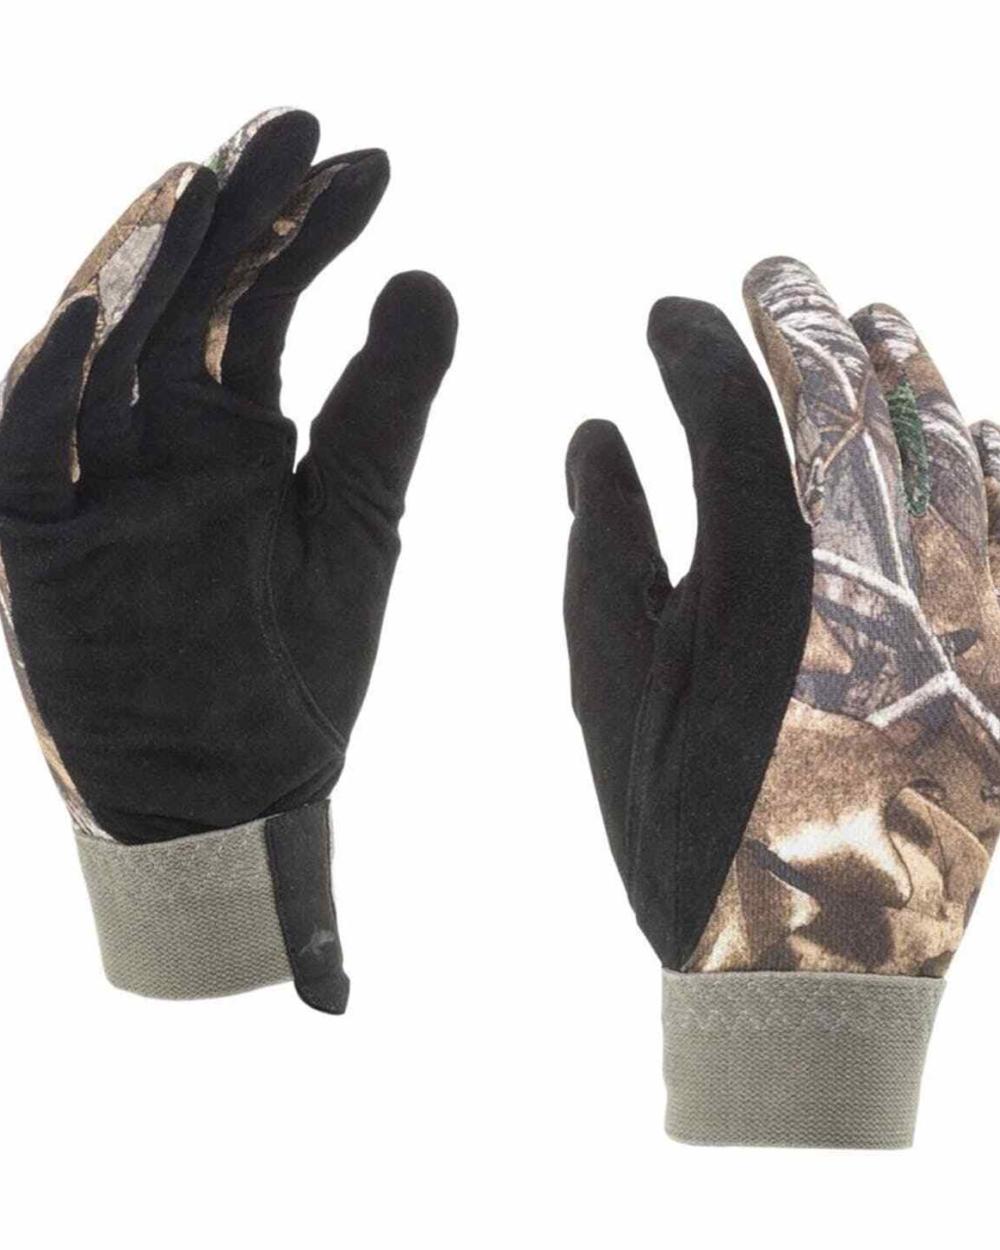 Sealskinz Camo Solo Shooting Glove